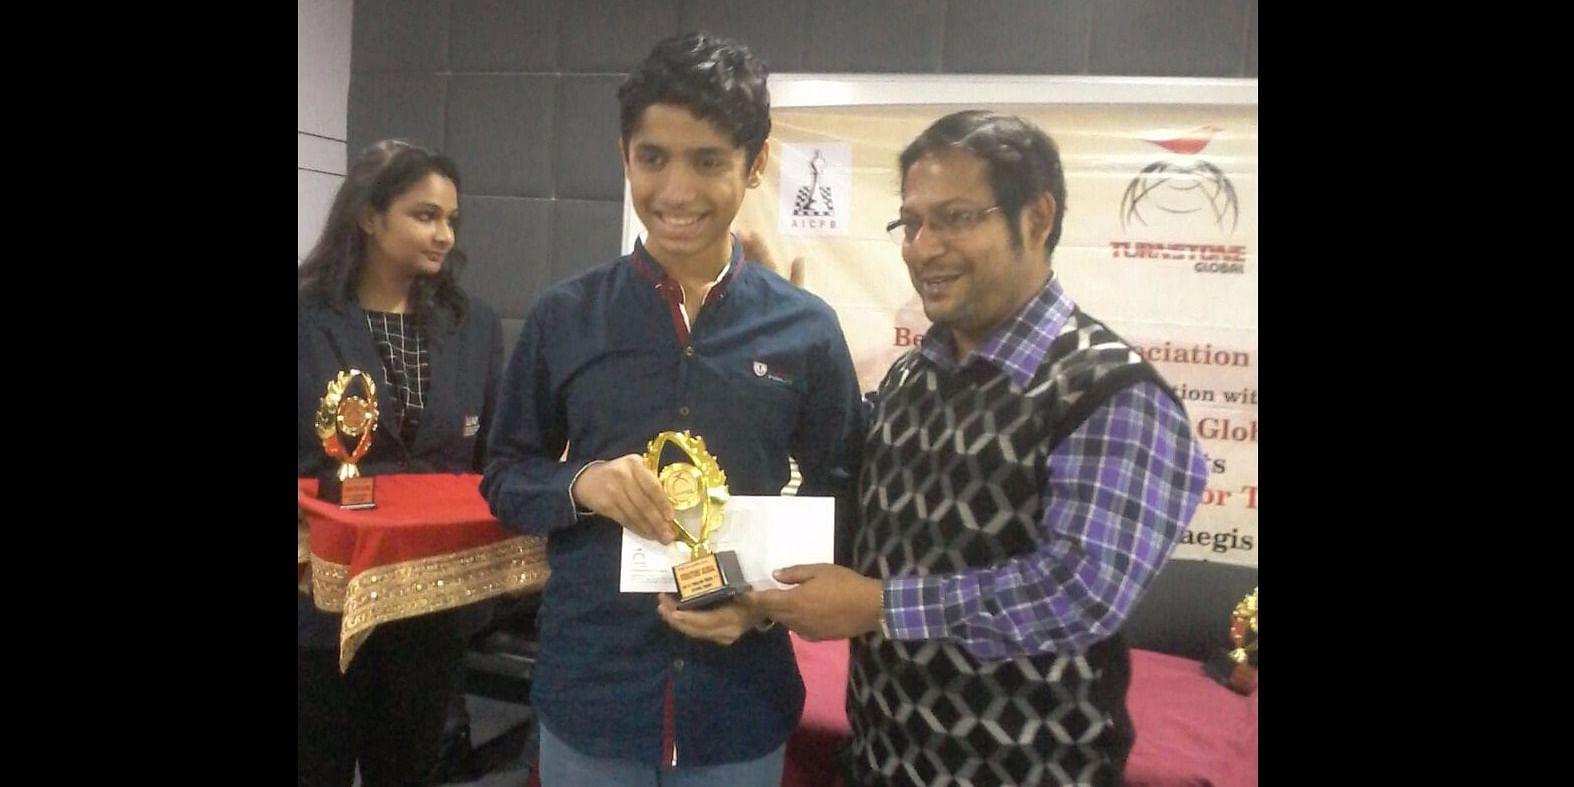 In Jan'17, Aryan stood  4th among 123 participants in National B Chess Championship at Kolkata, selected for National A Chess Championship.